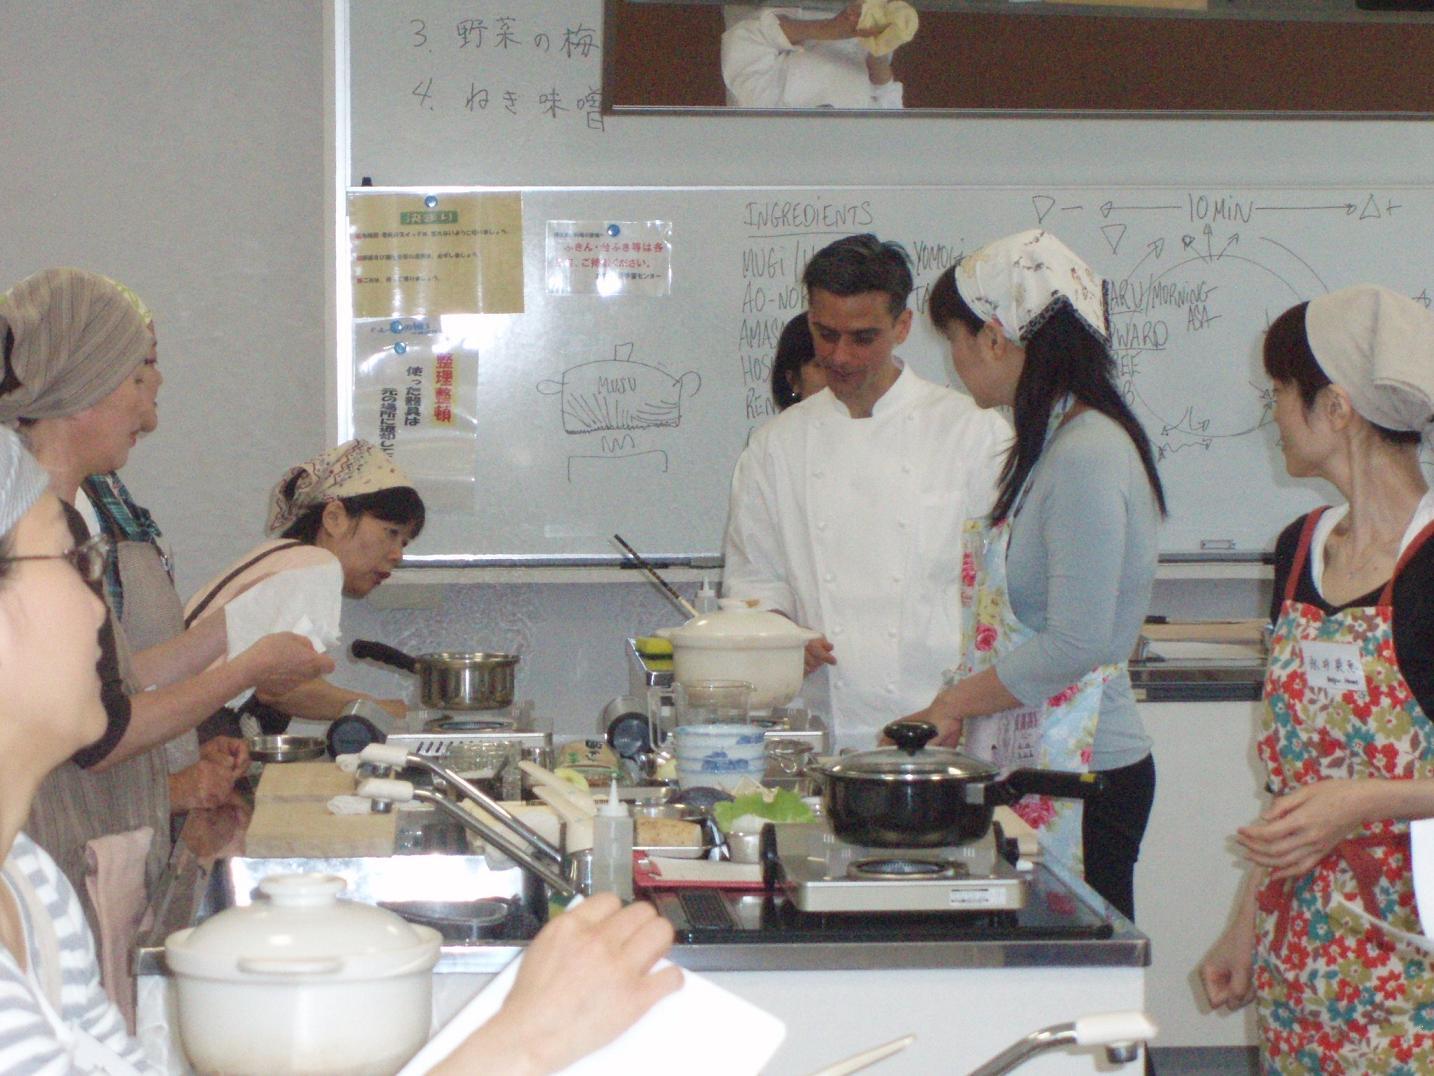 日本滞在記⑦ 広島レベル2の講義と調理実習_f0095325_20372979.jpg